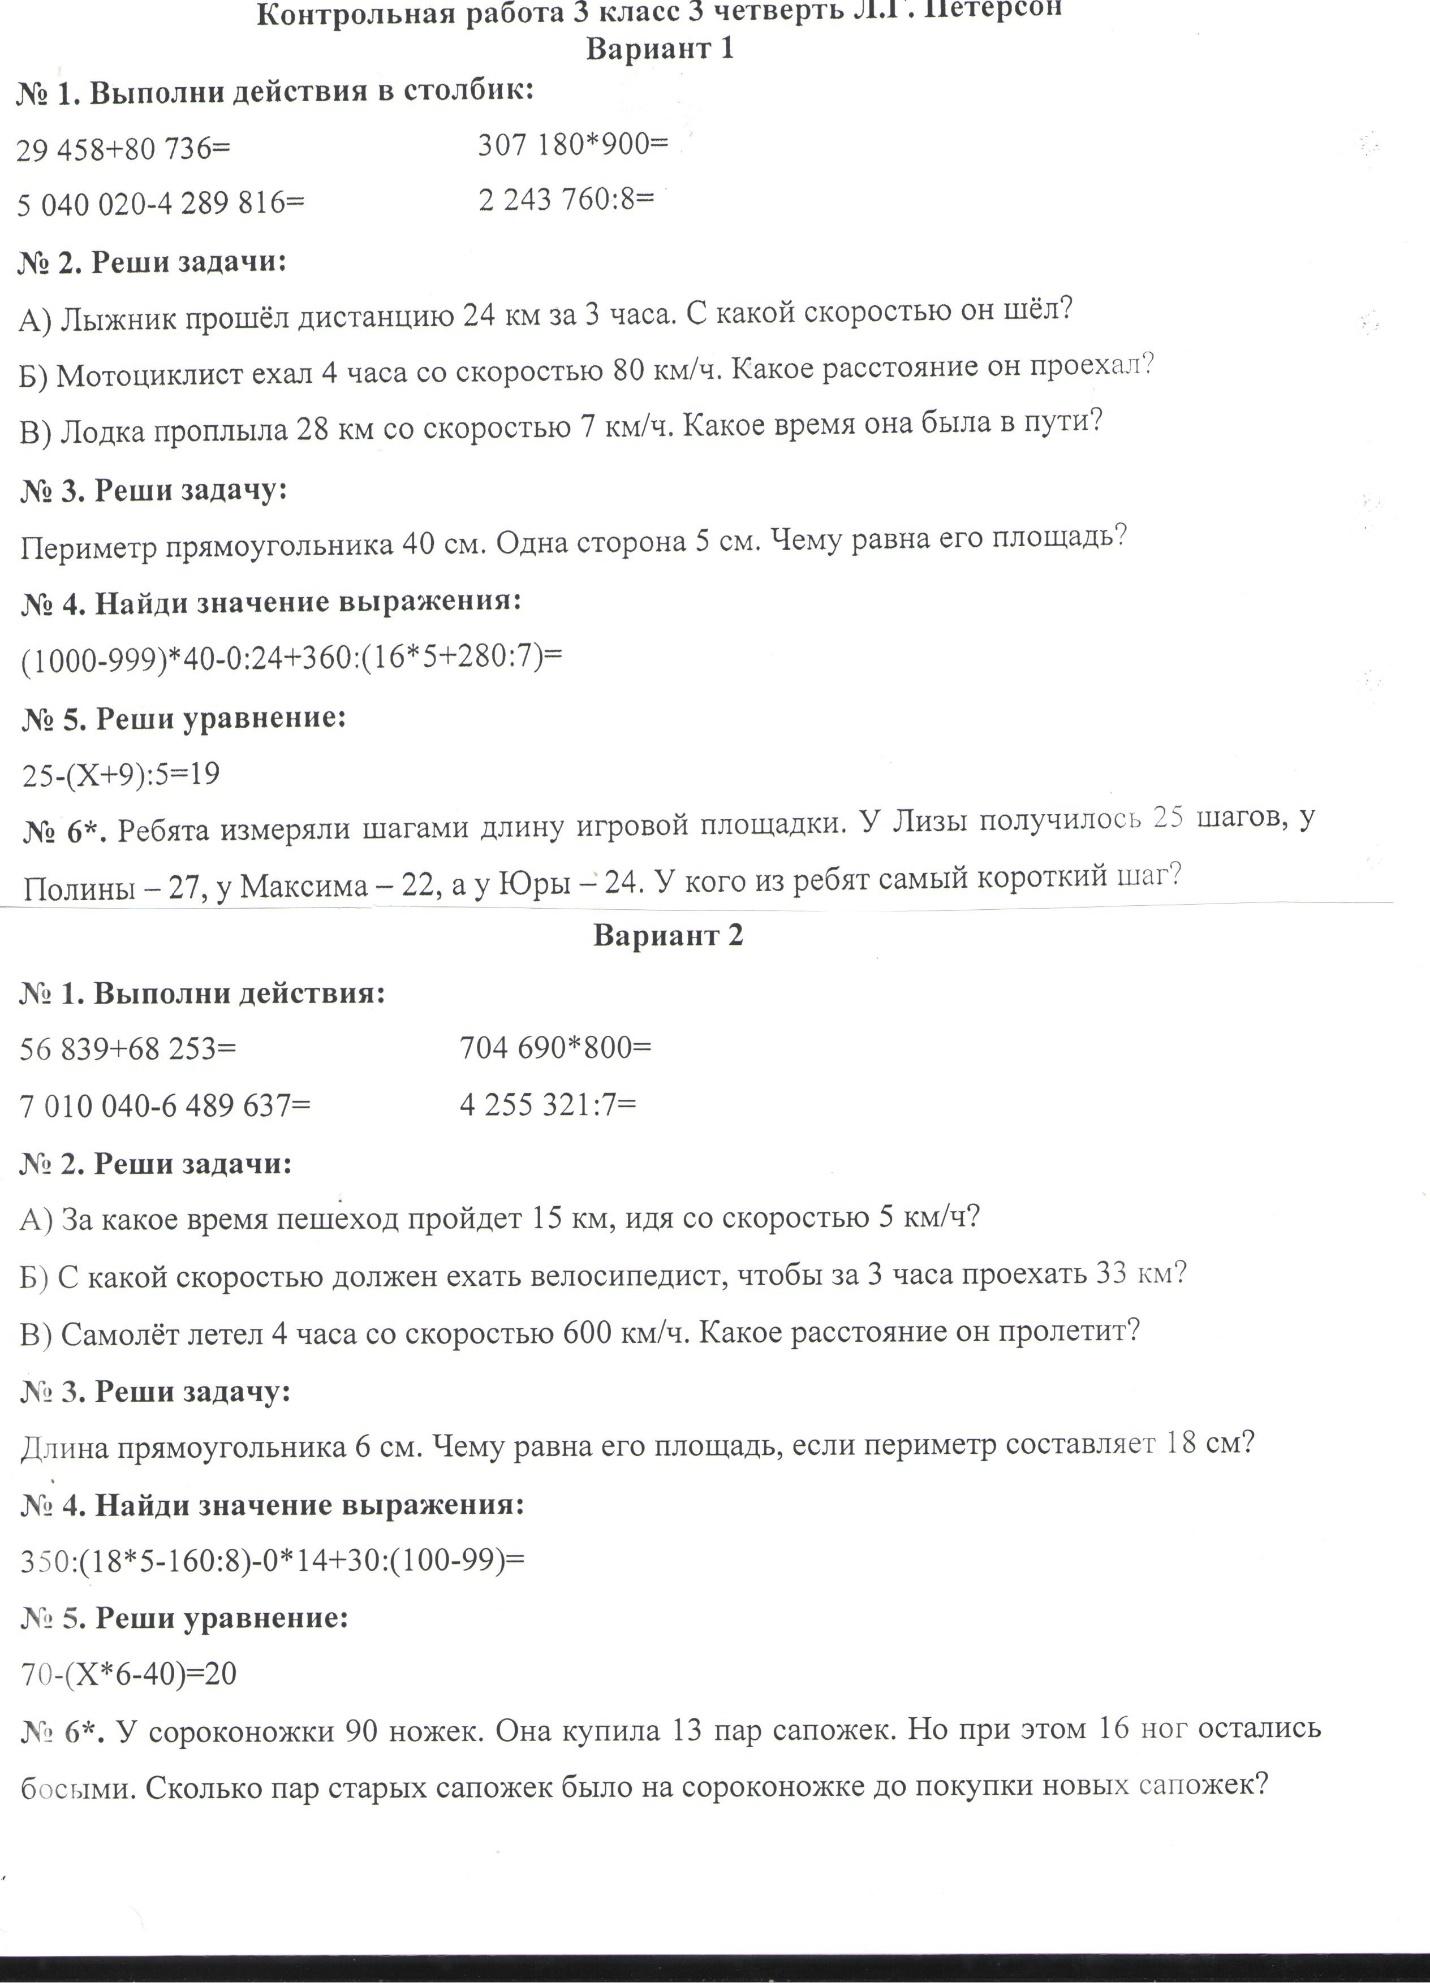 Контрольные работы по математике Л Г Петерсон класс c users Юля pictures 2015 10 25 7